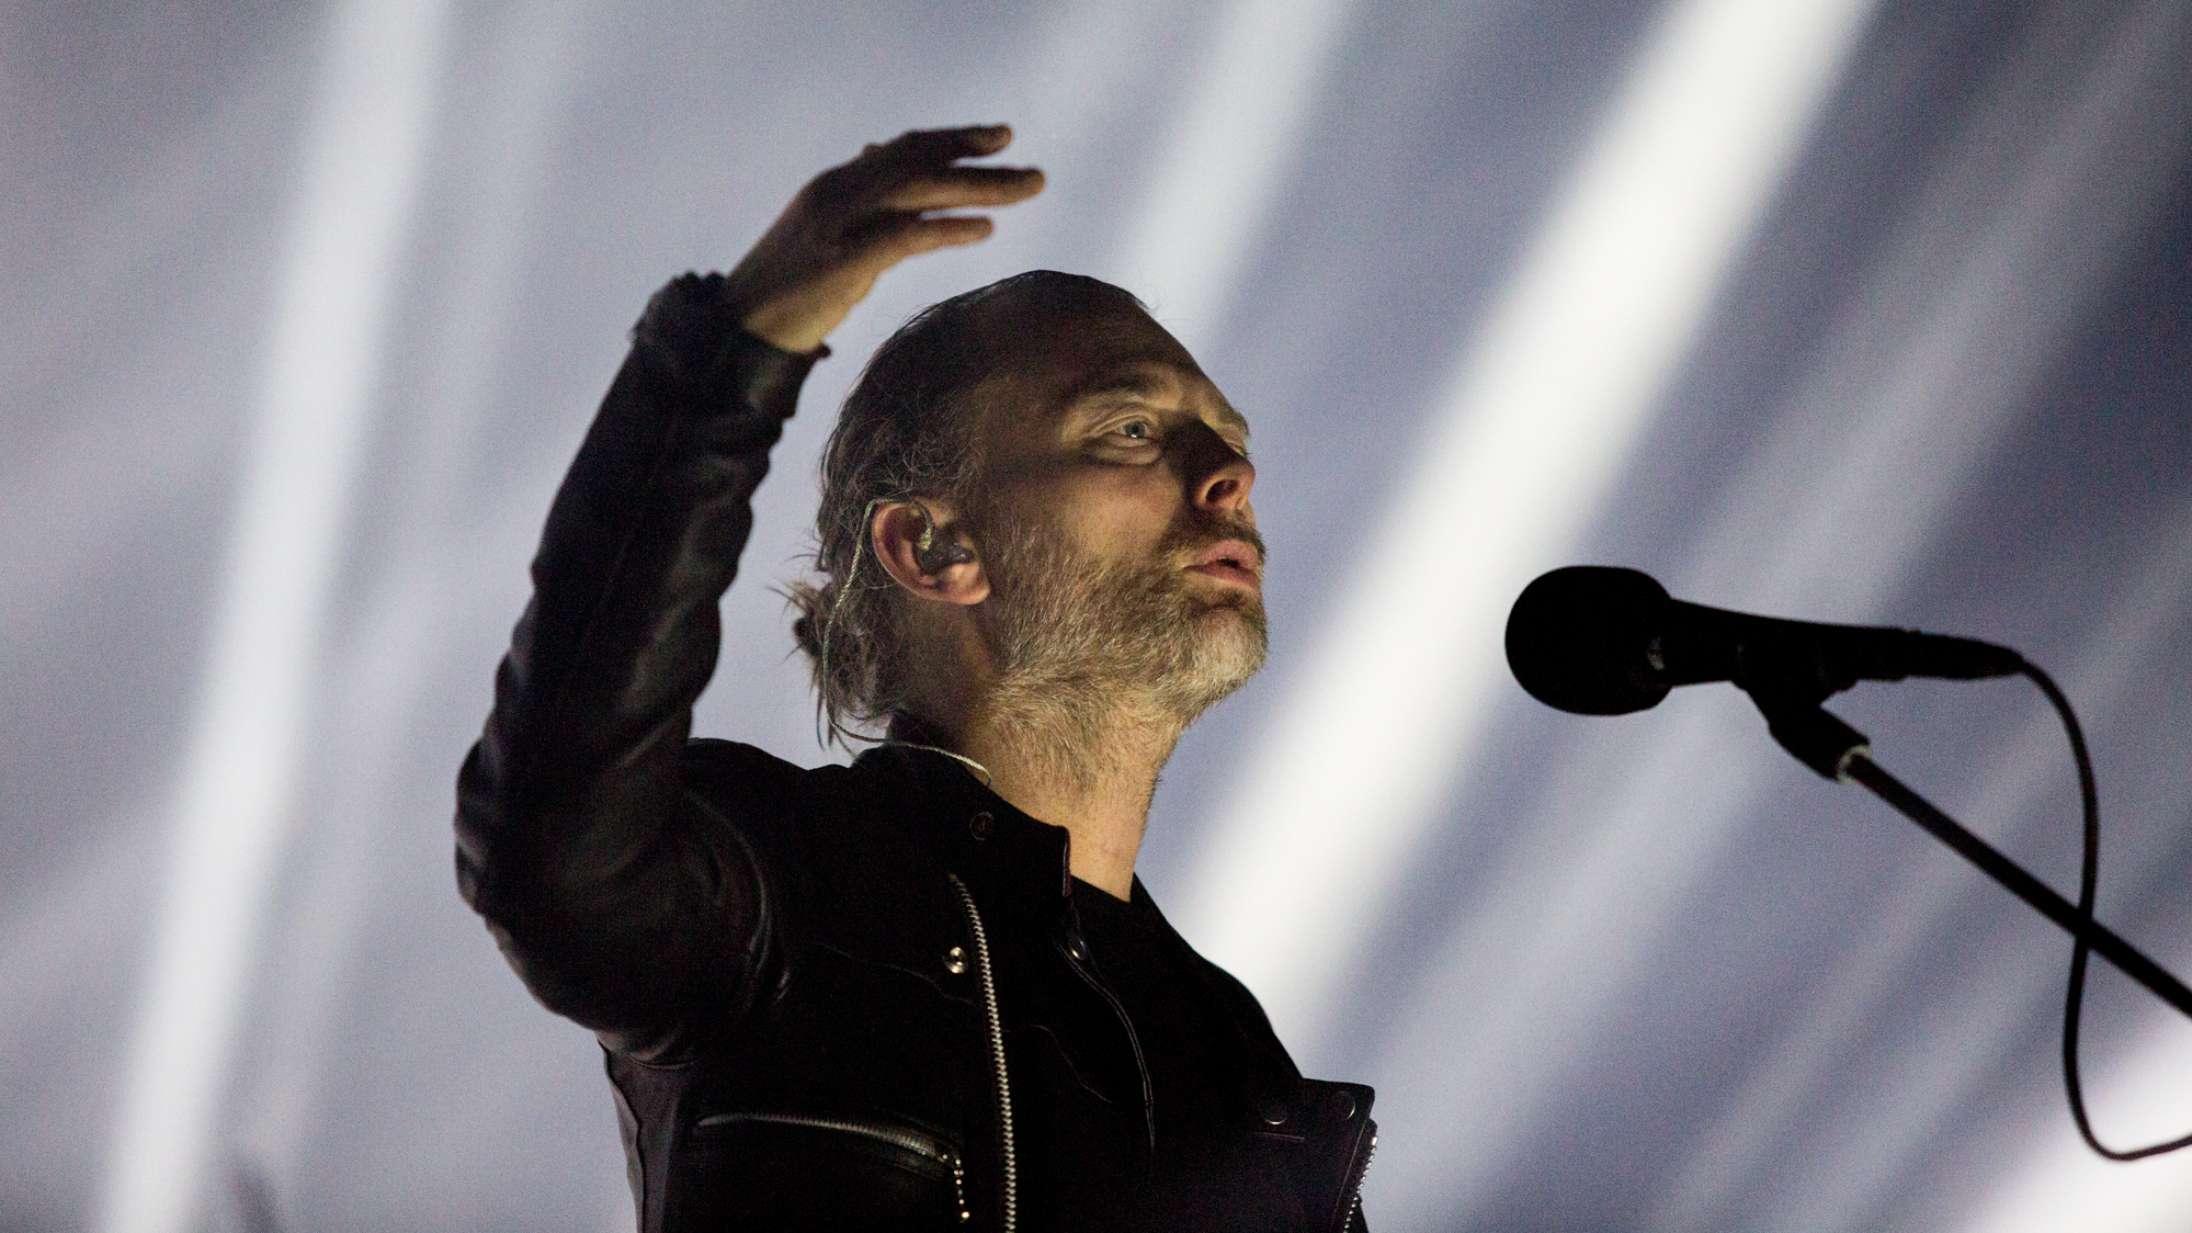 Thom Yorke aflyser sin koncert på Roskilde Festival